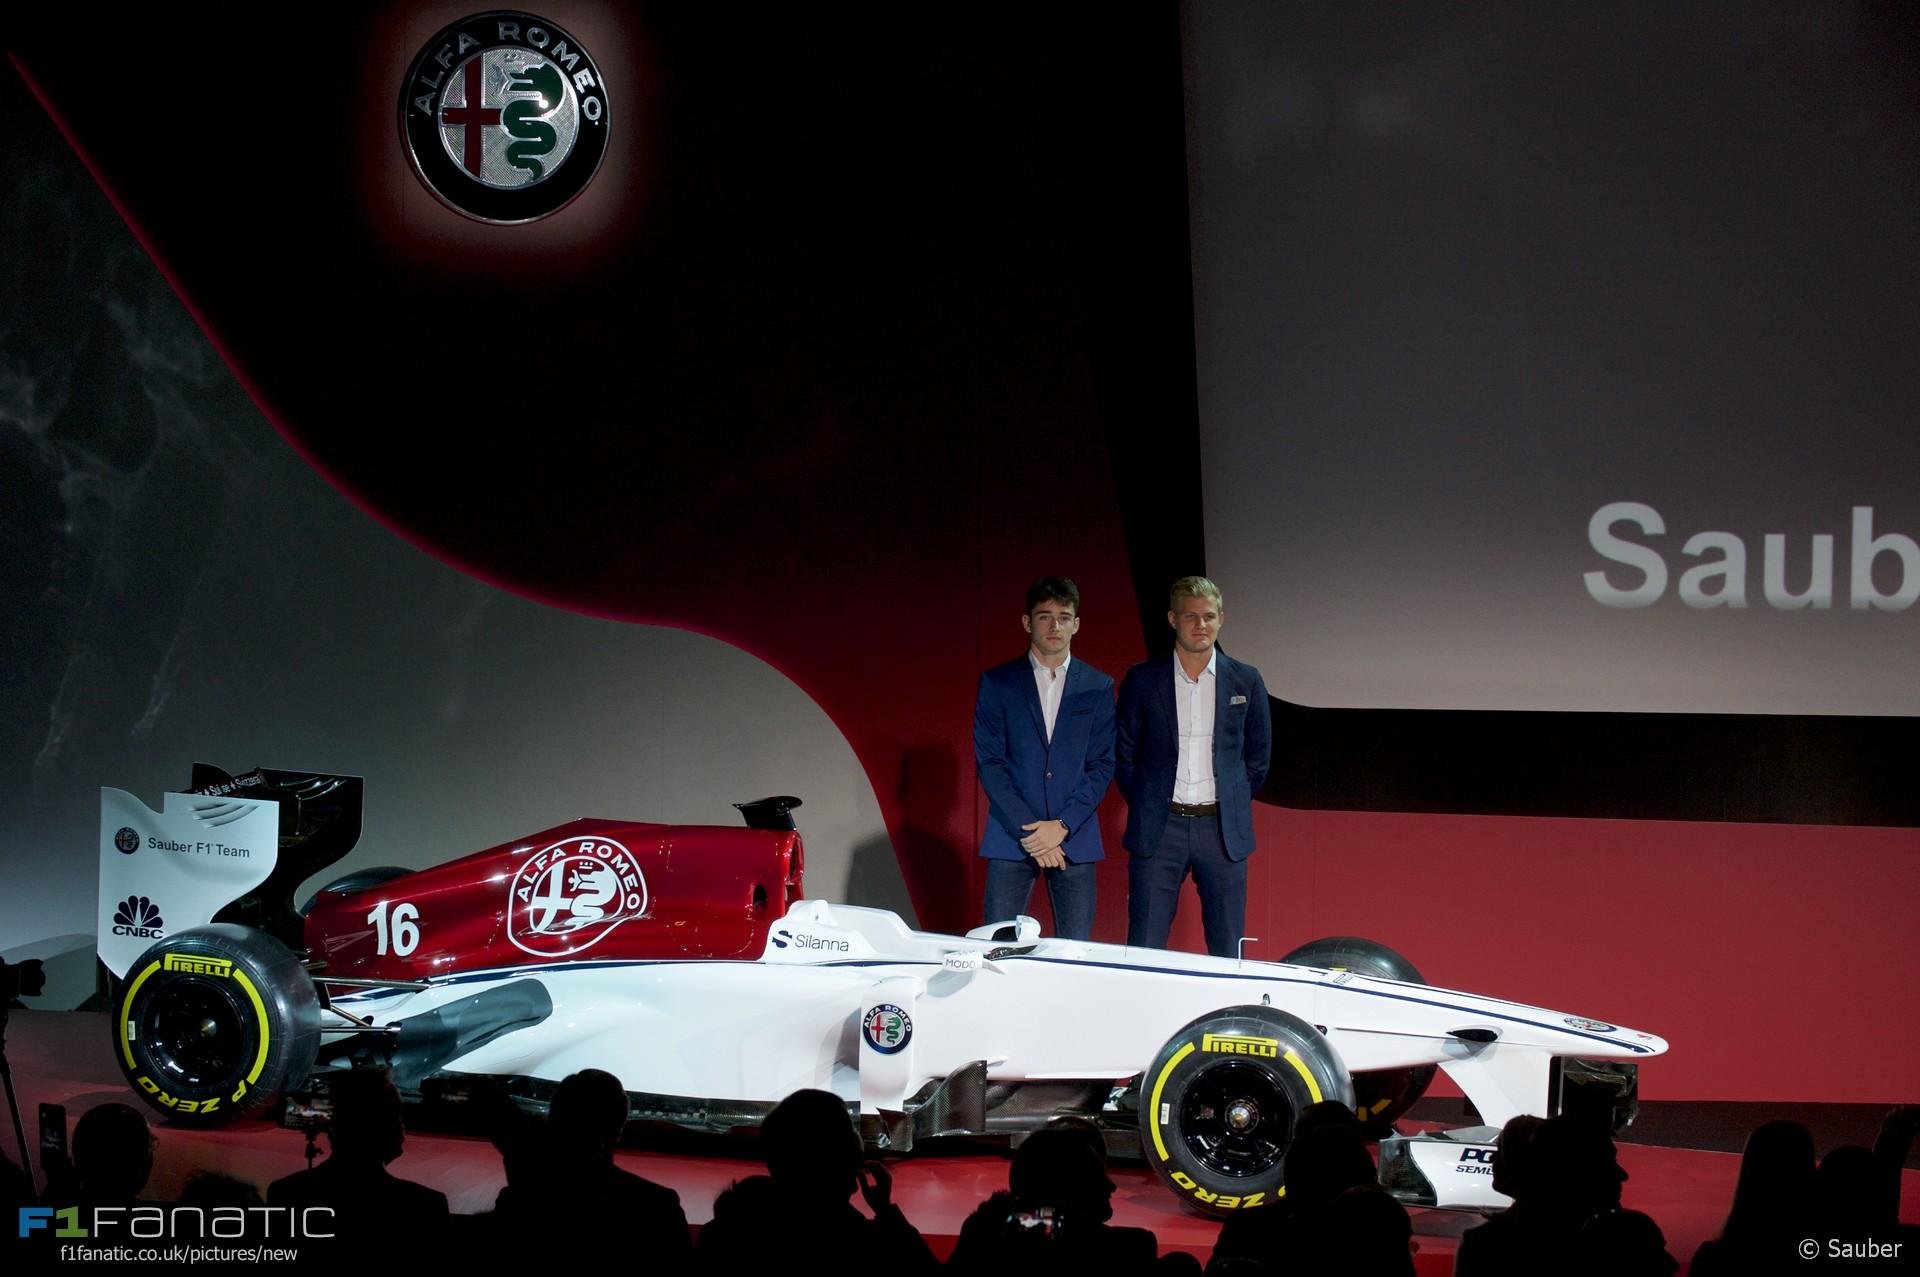 Charles Leclerc, Marcus Ericsson, Sauber, 2017